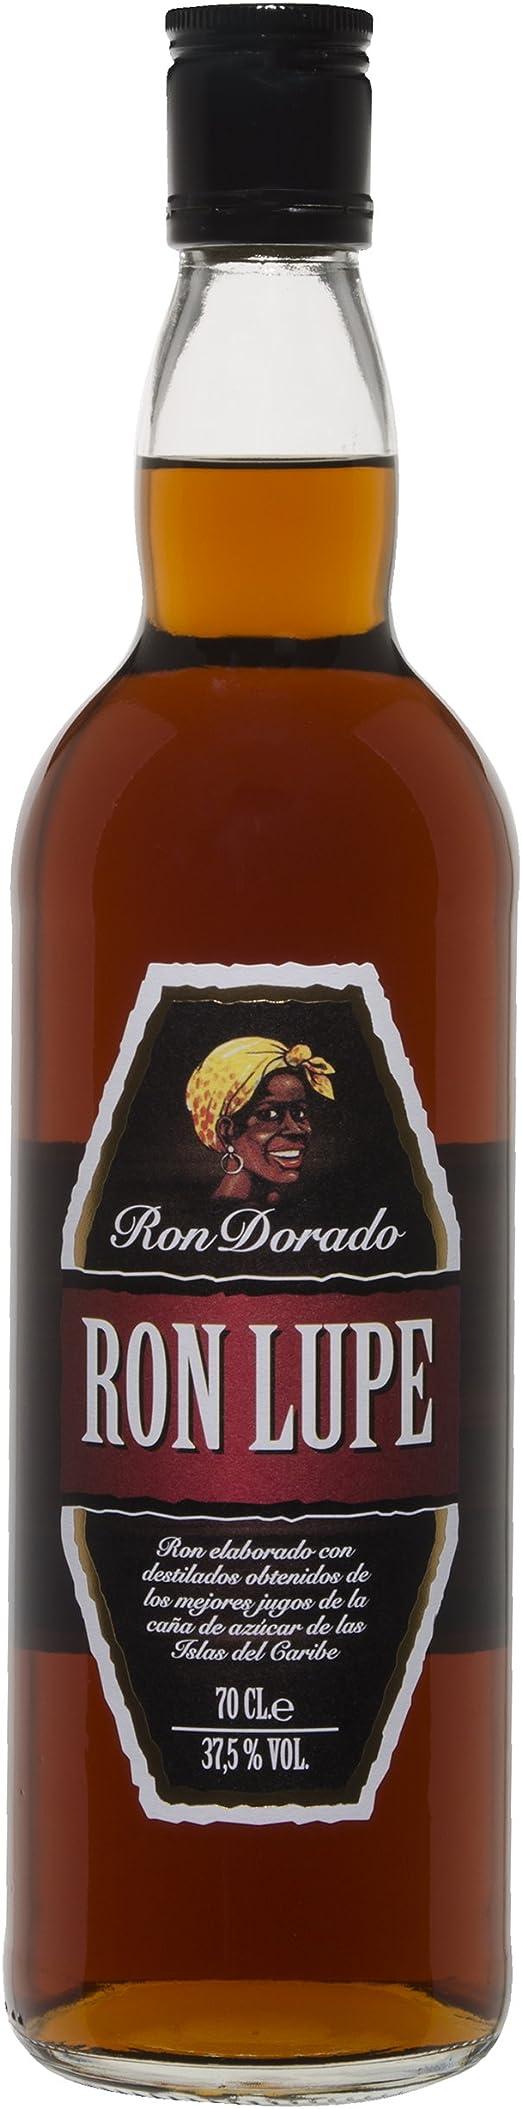 Ron dorado 37, 5% vol lupe 70 cl: Amazon.es: Alimentación y ...